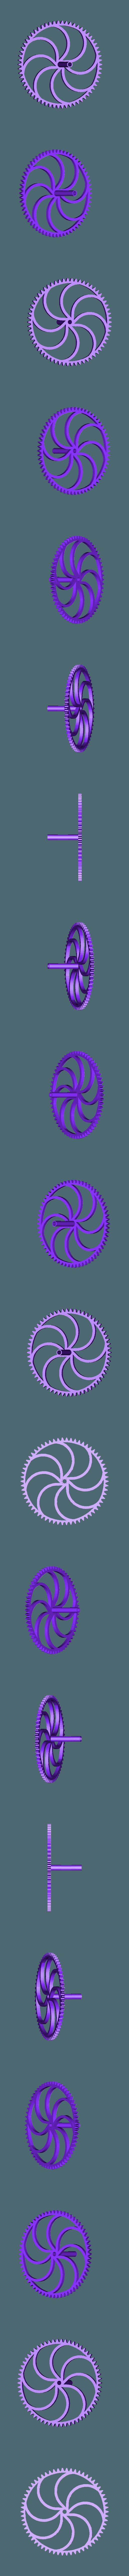 Spur_Gear_62_teeth.stl Télécharger fichier STL gratuit Pistolet d'hypnose • Design pour imprimante 3D, ericcherry